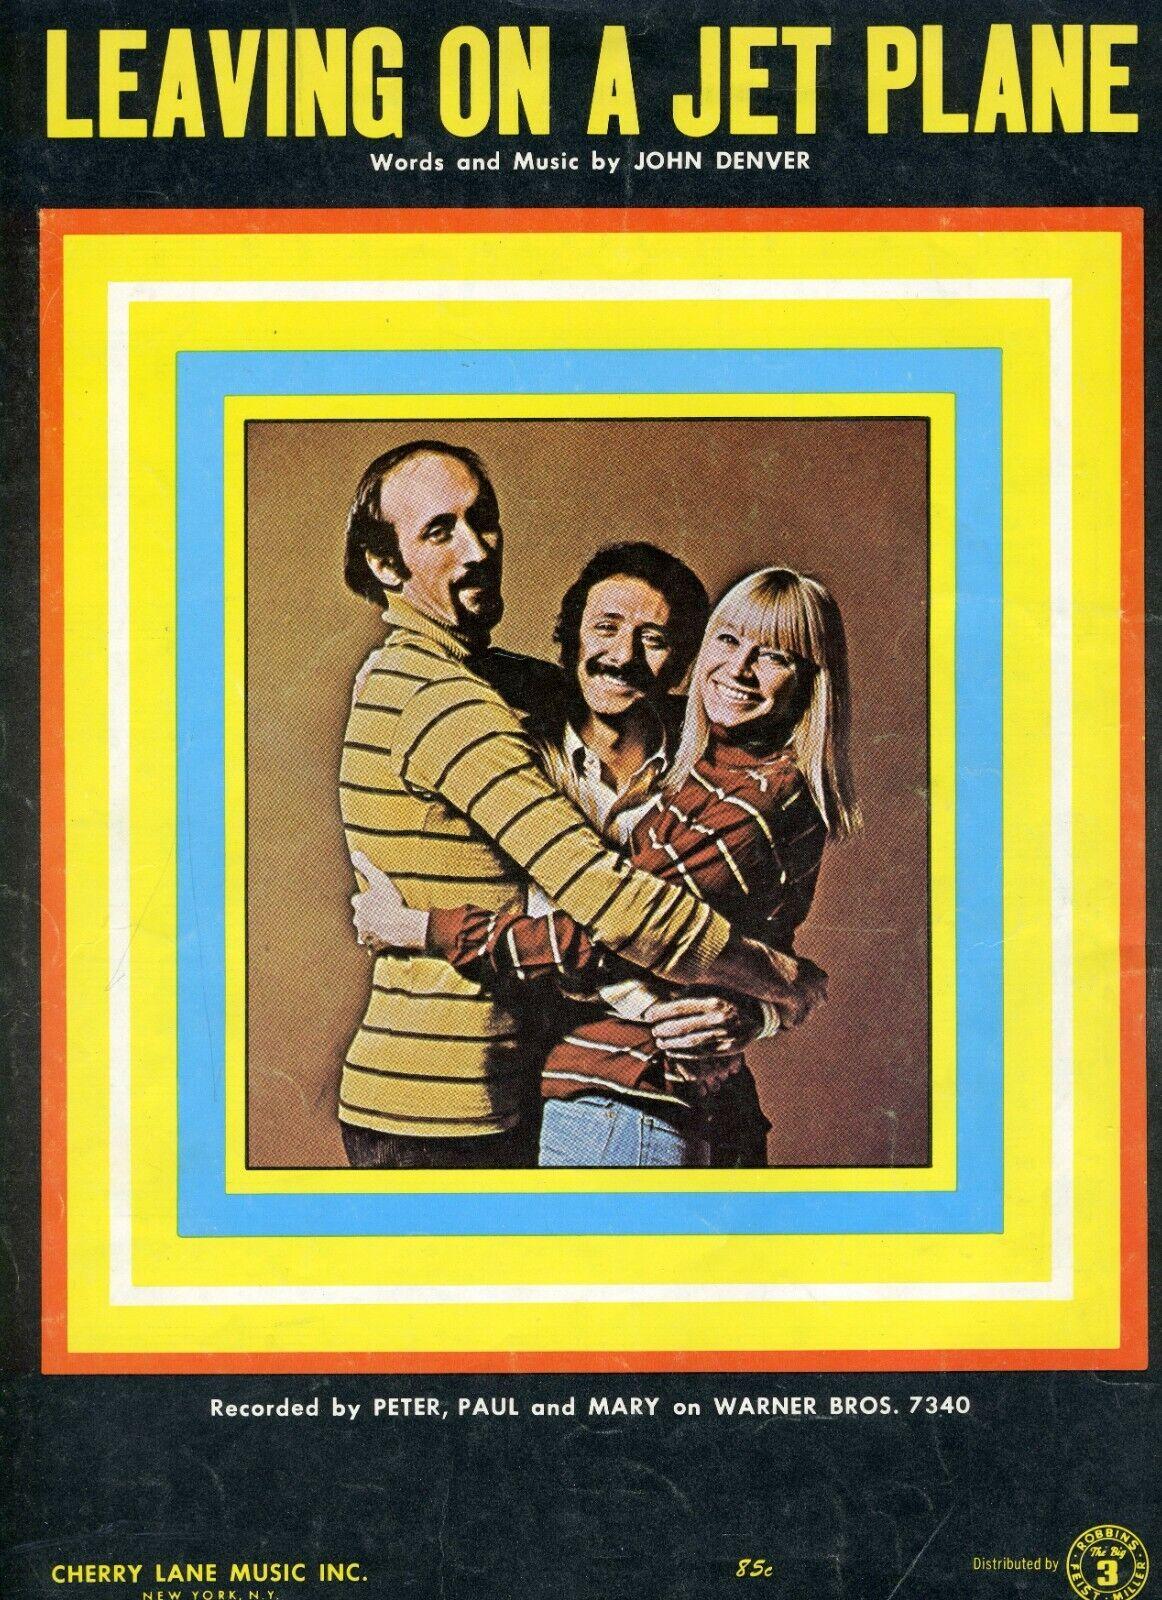 Peter, Paul Mary, Leaving On A Jet Plane, 1969 Sheet Music, John Denver, GOOD  - $4.99